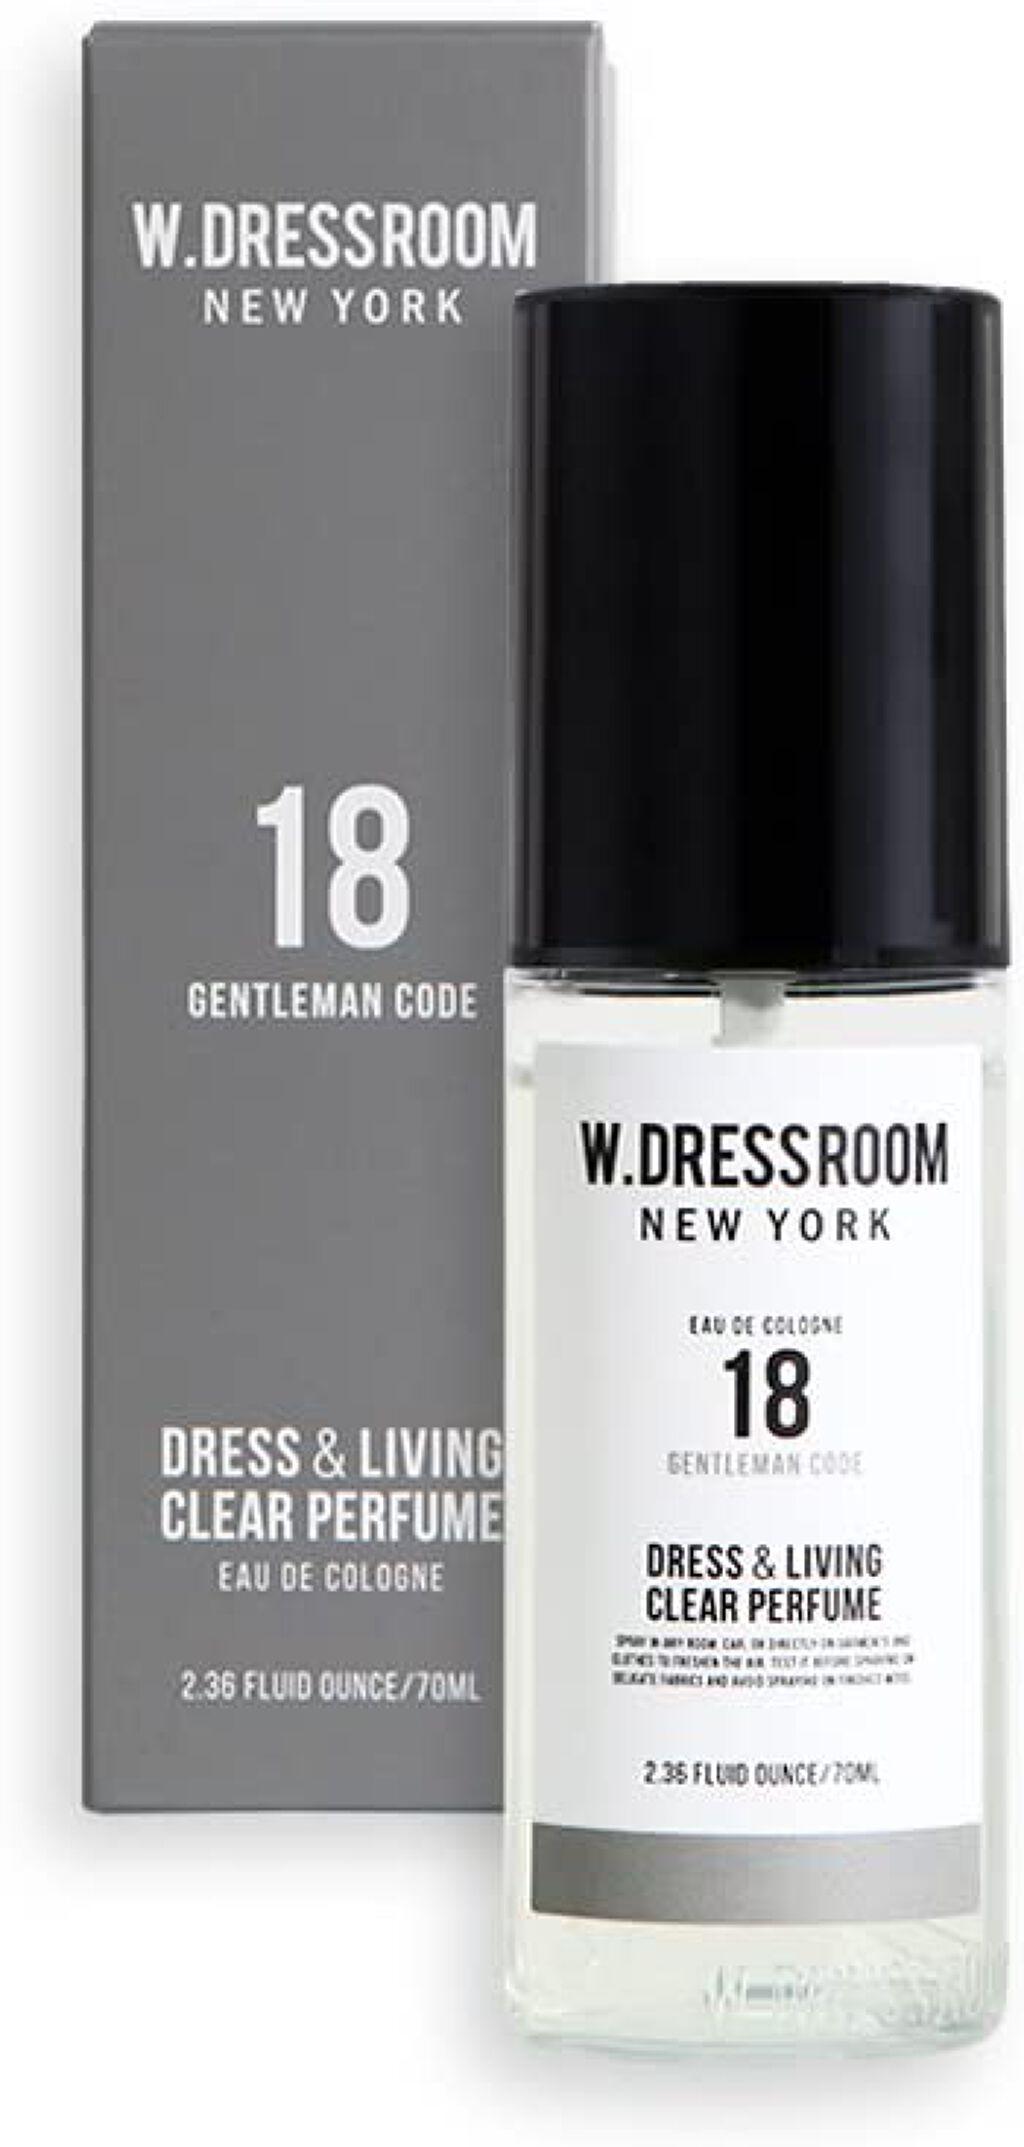 ドレス&リビング クリーン パフューム No.18 ジェントルマンコーデ